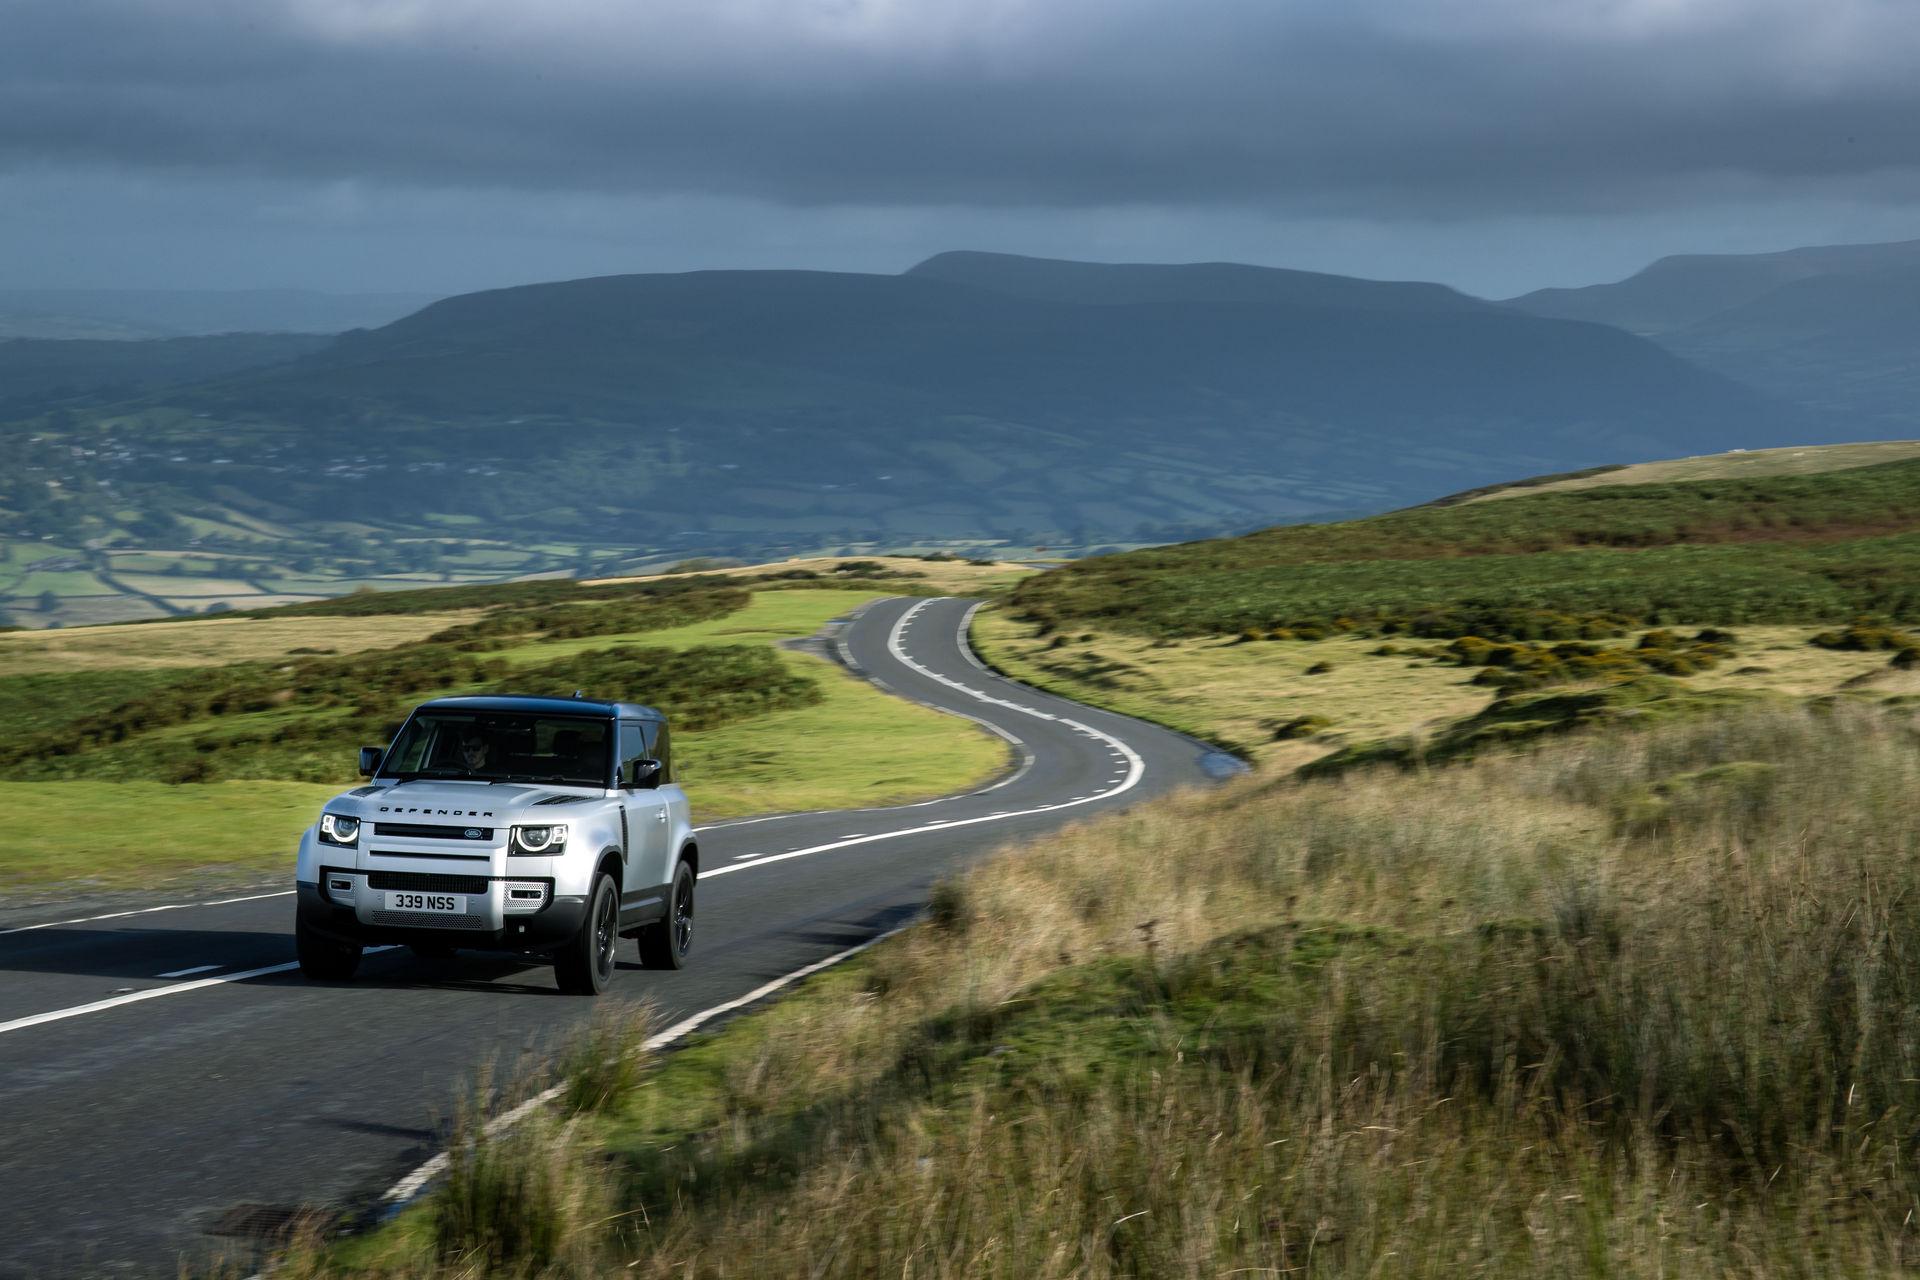 Land Rover Defender P400e plug-in hybrid - AVTOKLUB.mk